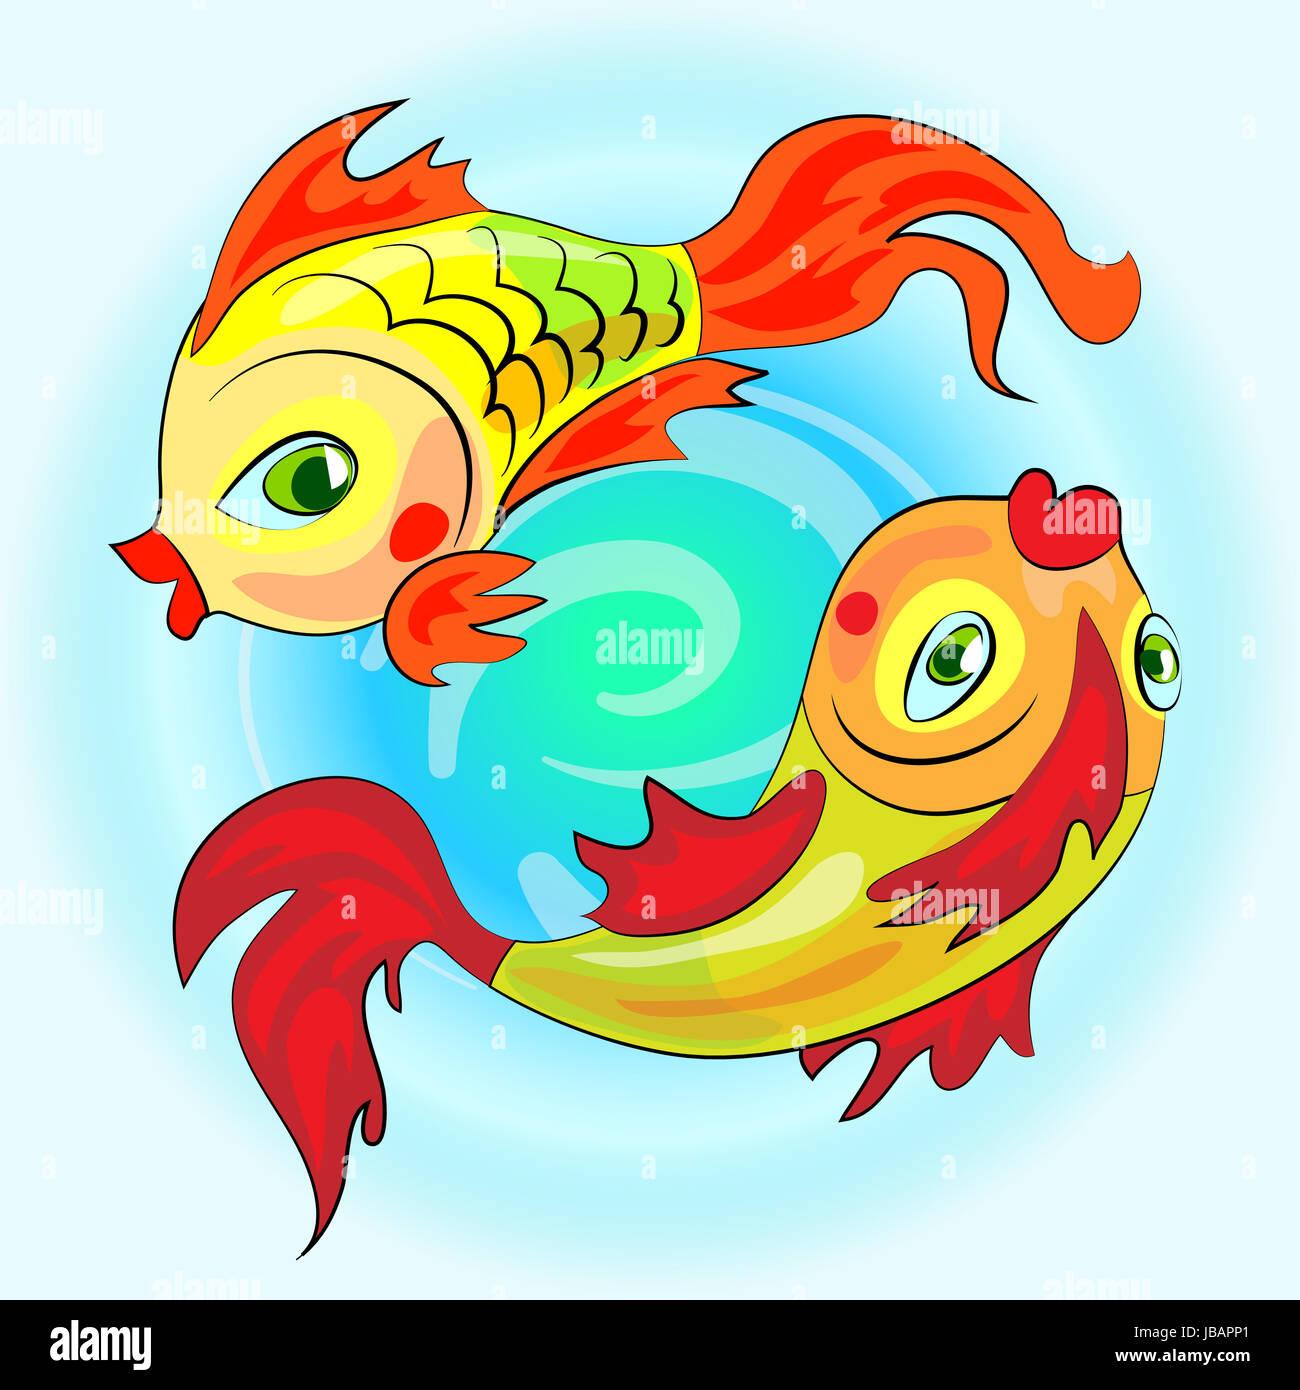 Leo/Virgo was the past. mélange de poissons vierges qui ont passé deux années en [.] mer (dibermarins) ou davantage.